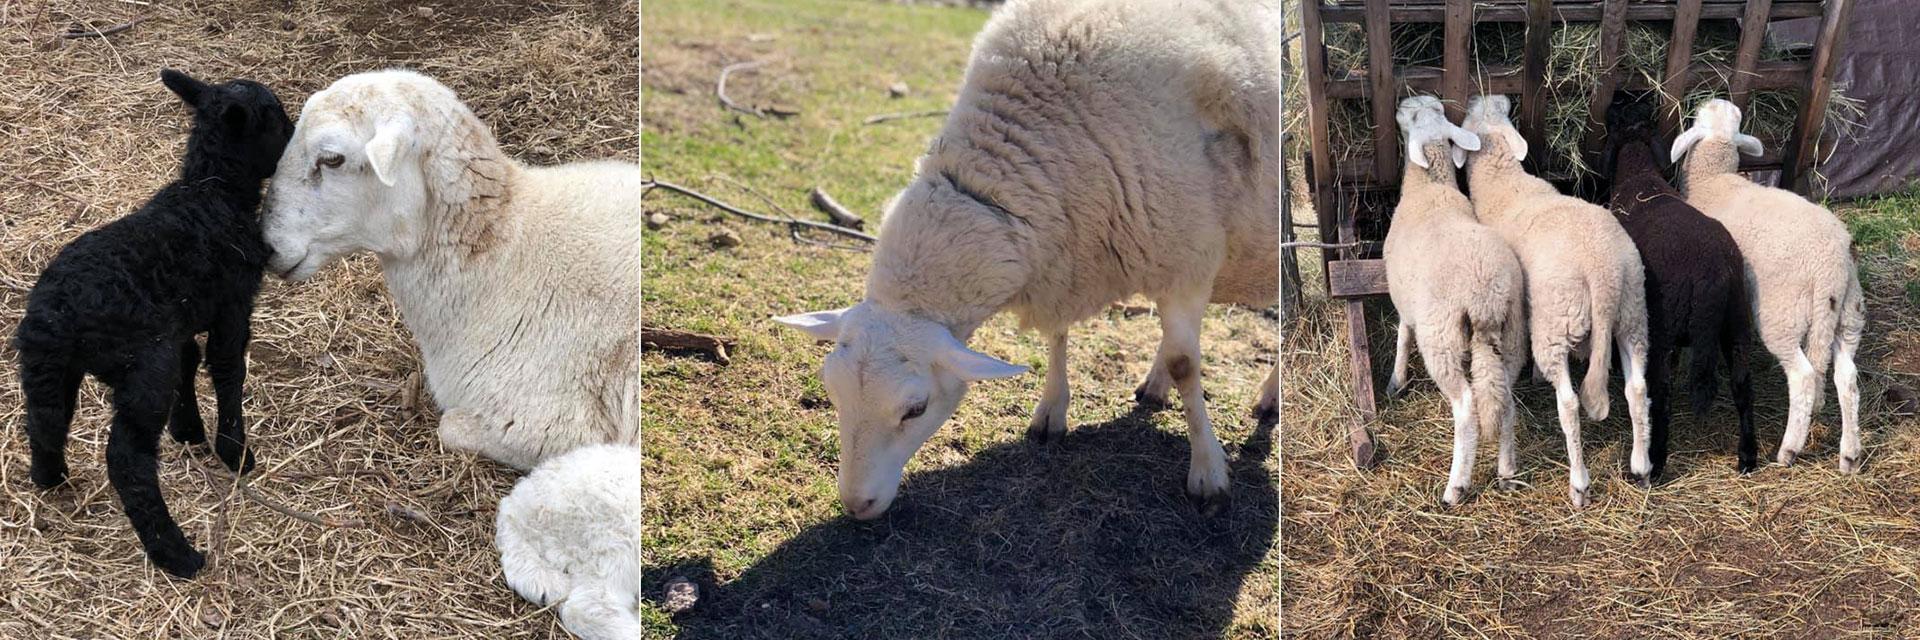 Sheep at Three Charm Farm